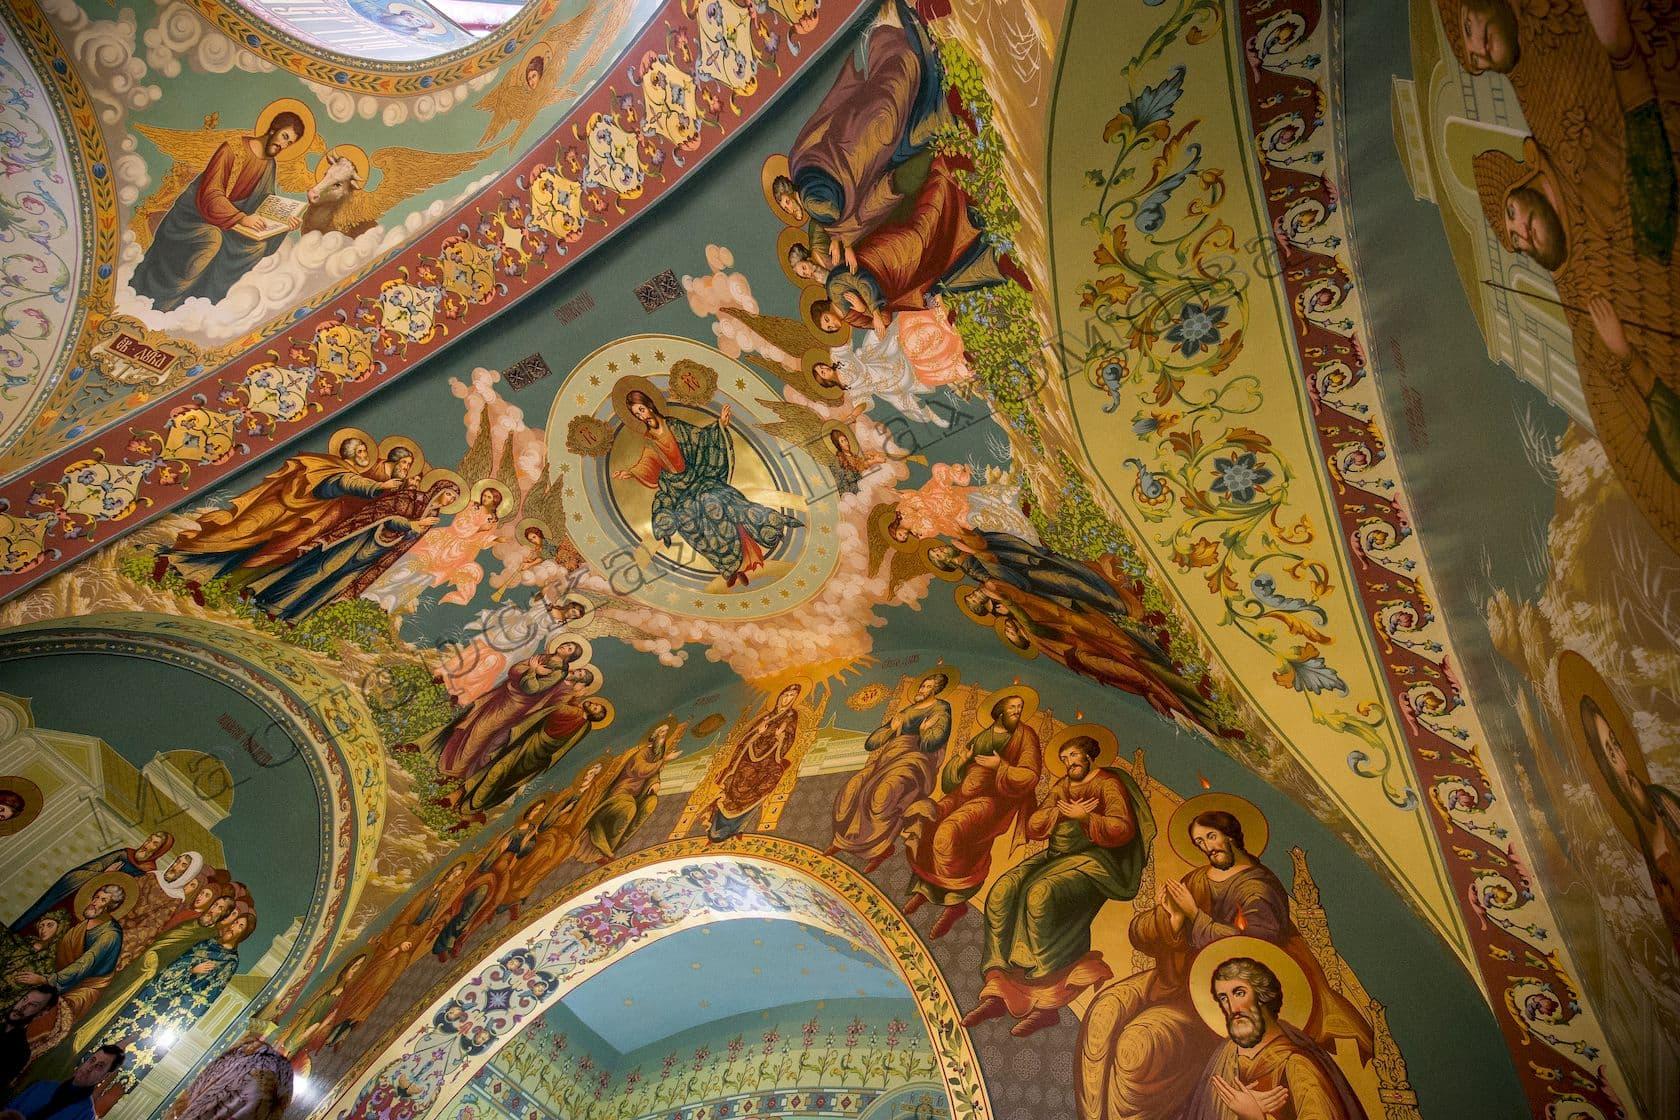 Роспись на хорах во фряжском стиле